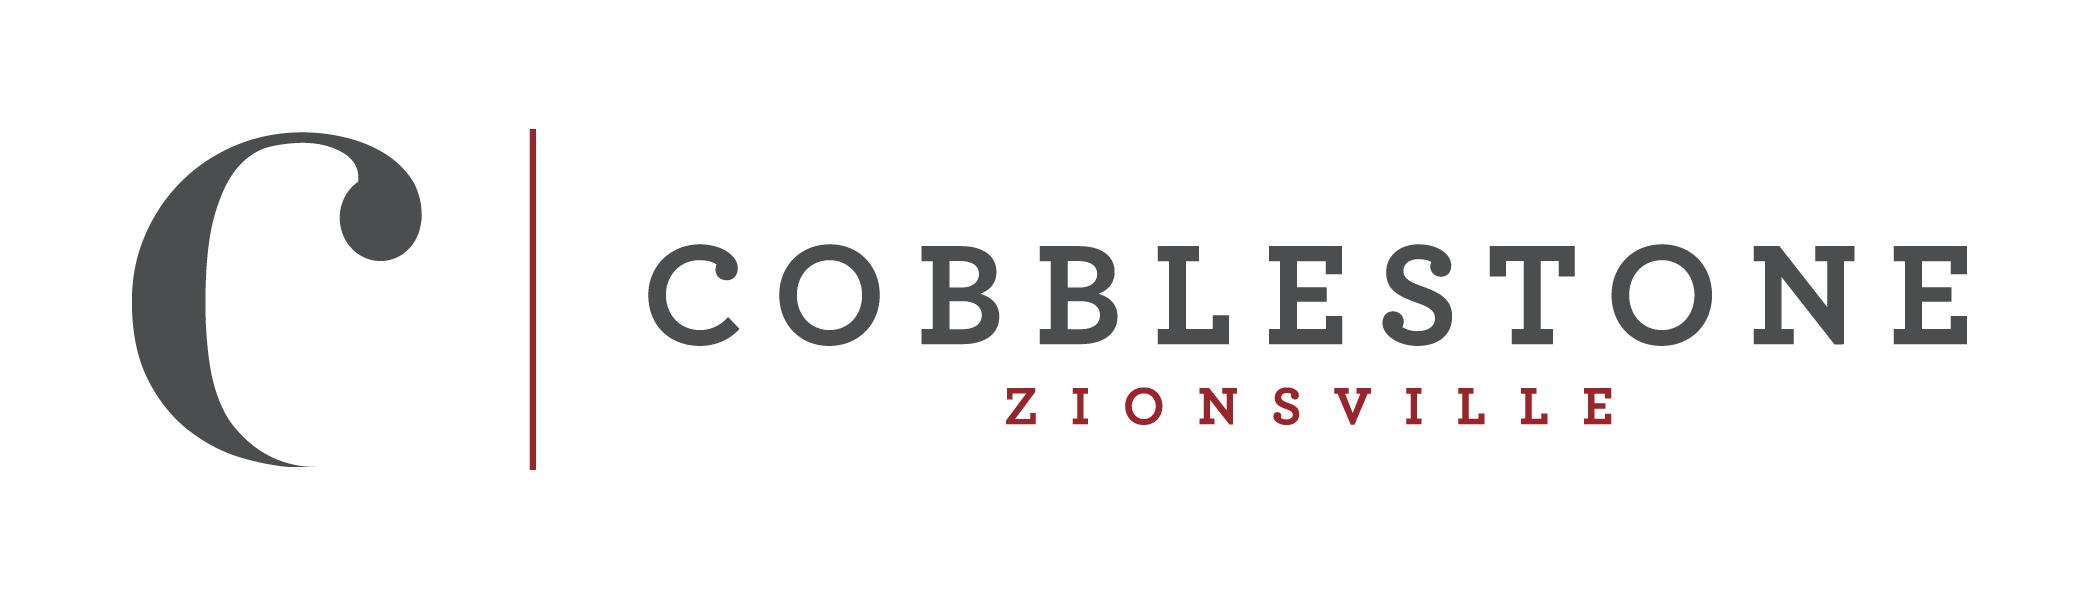 Cobblestone V2 (2).jpg2152017 (1).jpg